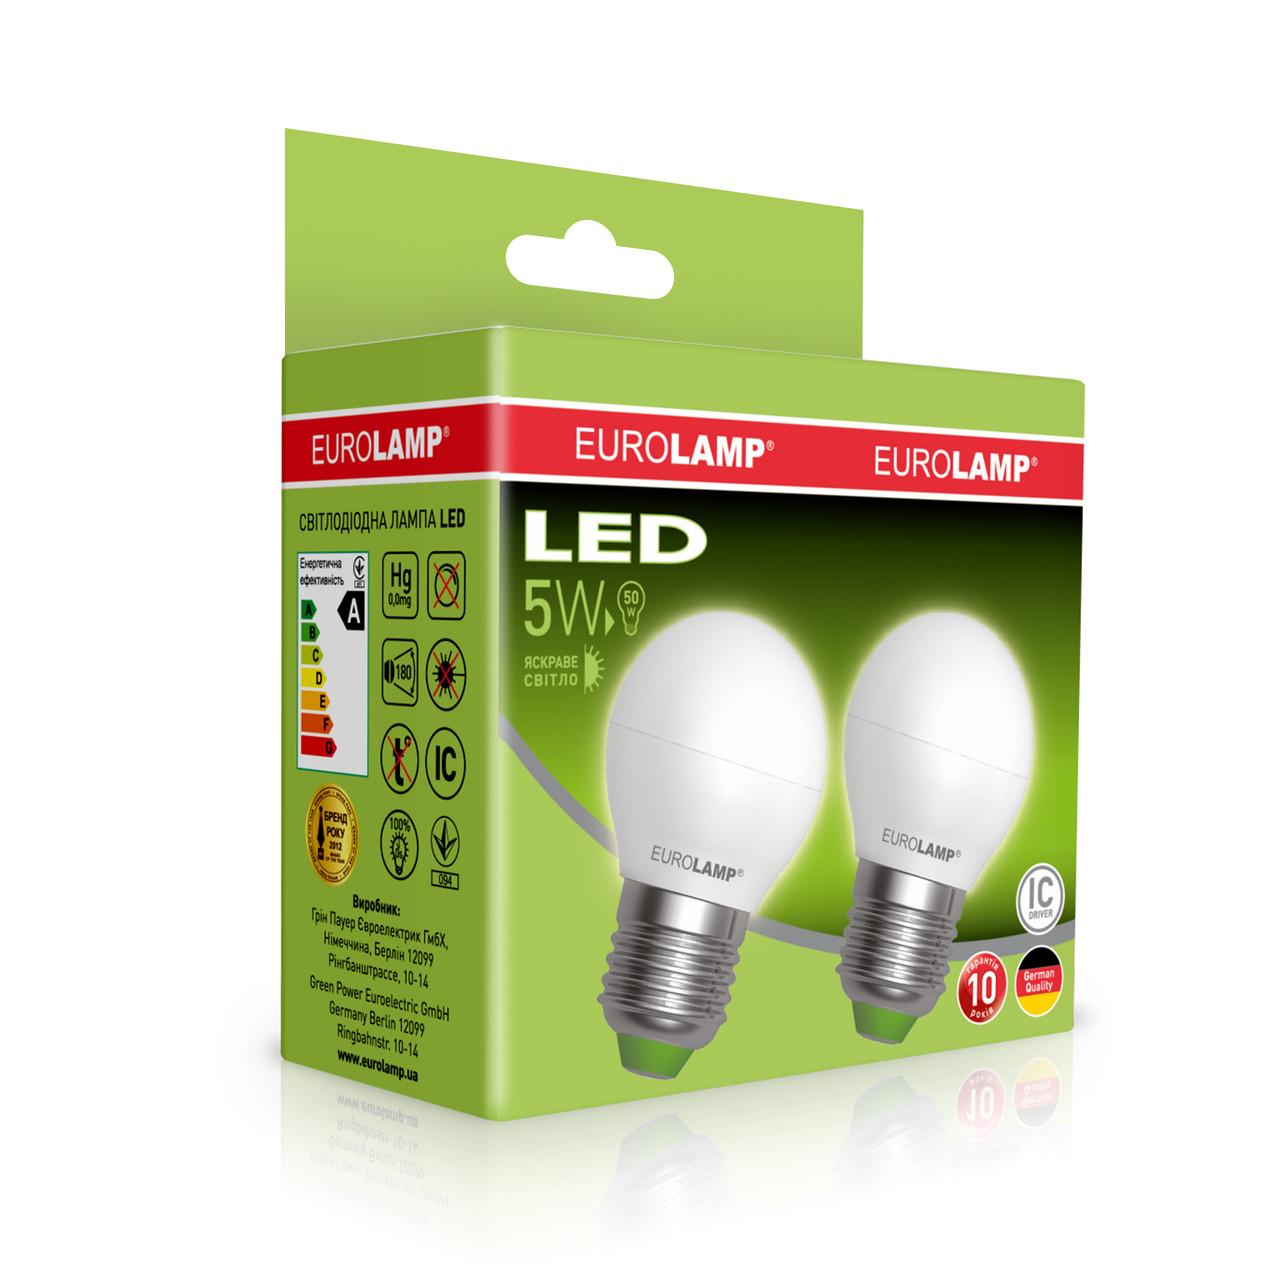 """Промо-набор EUROLAMP LED Лампа ЕКО G45 5W E27 4000K акция """"1+1"""", фото 1"""